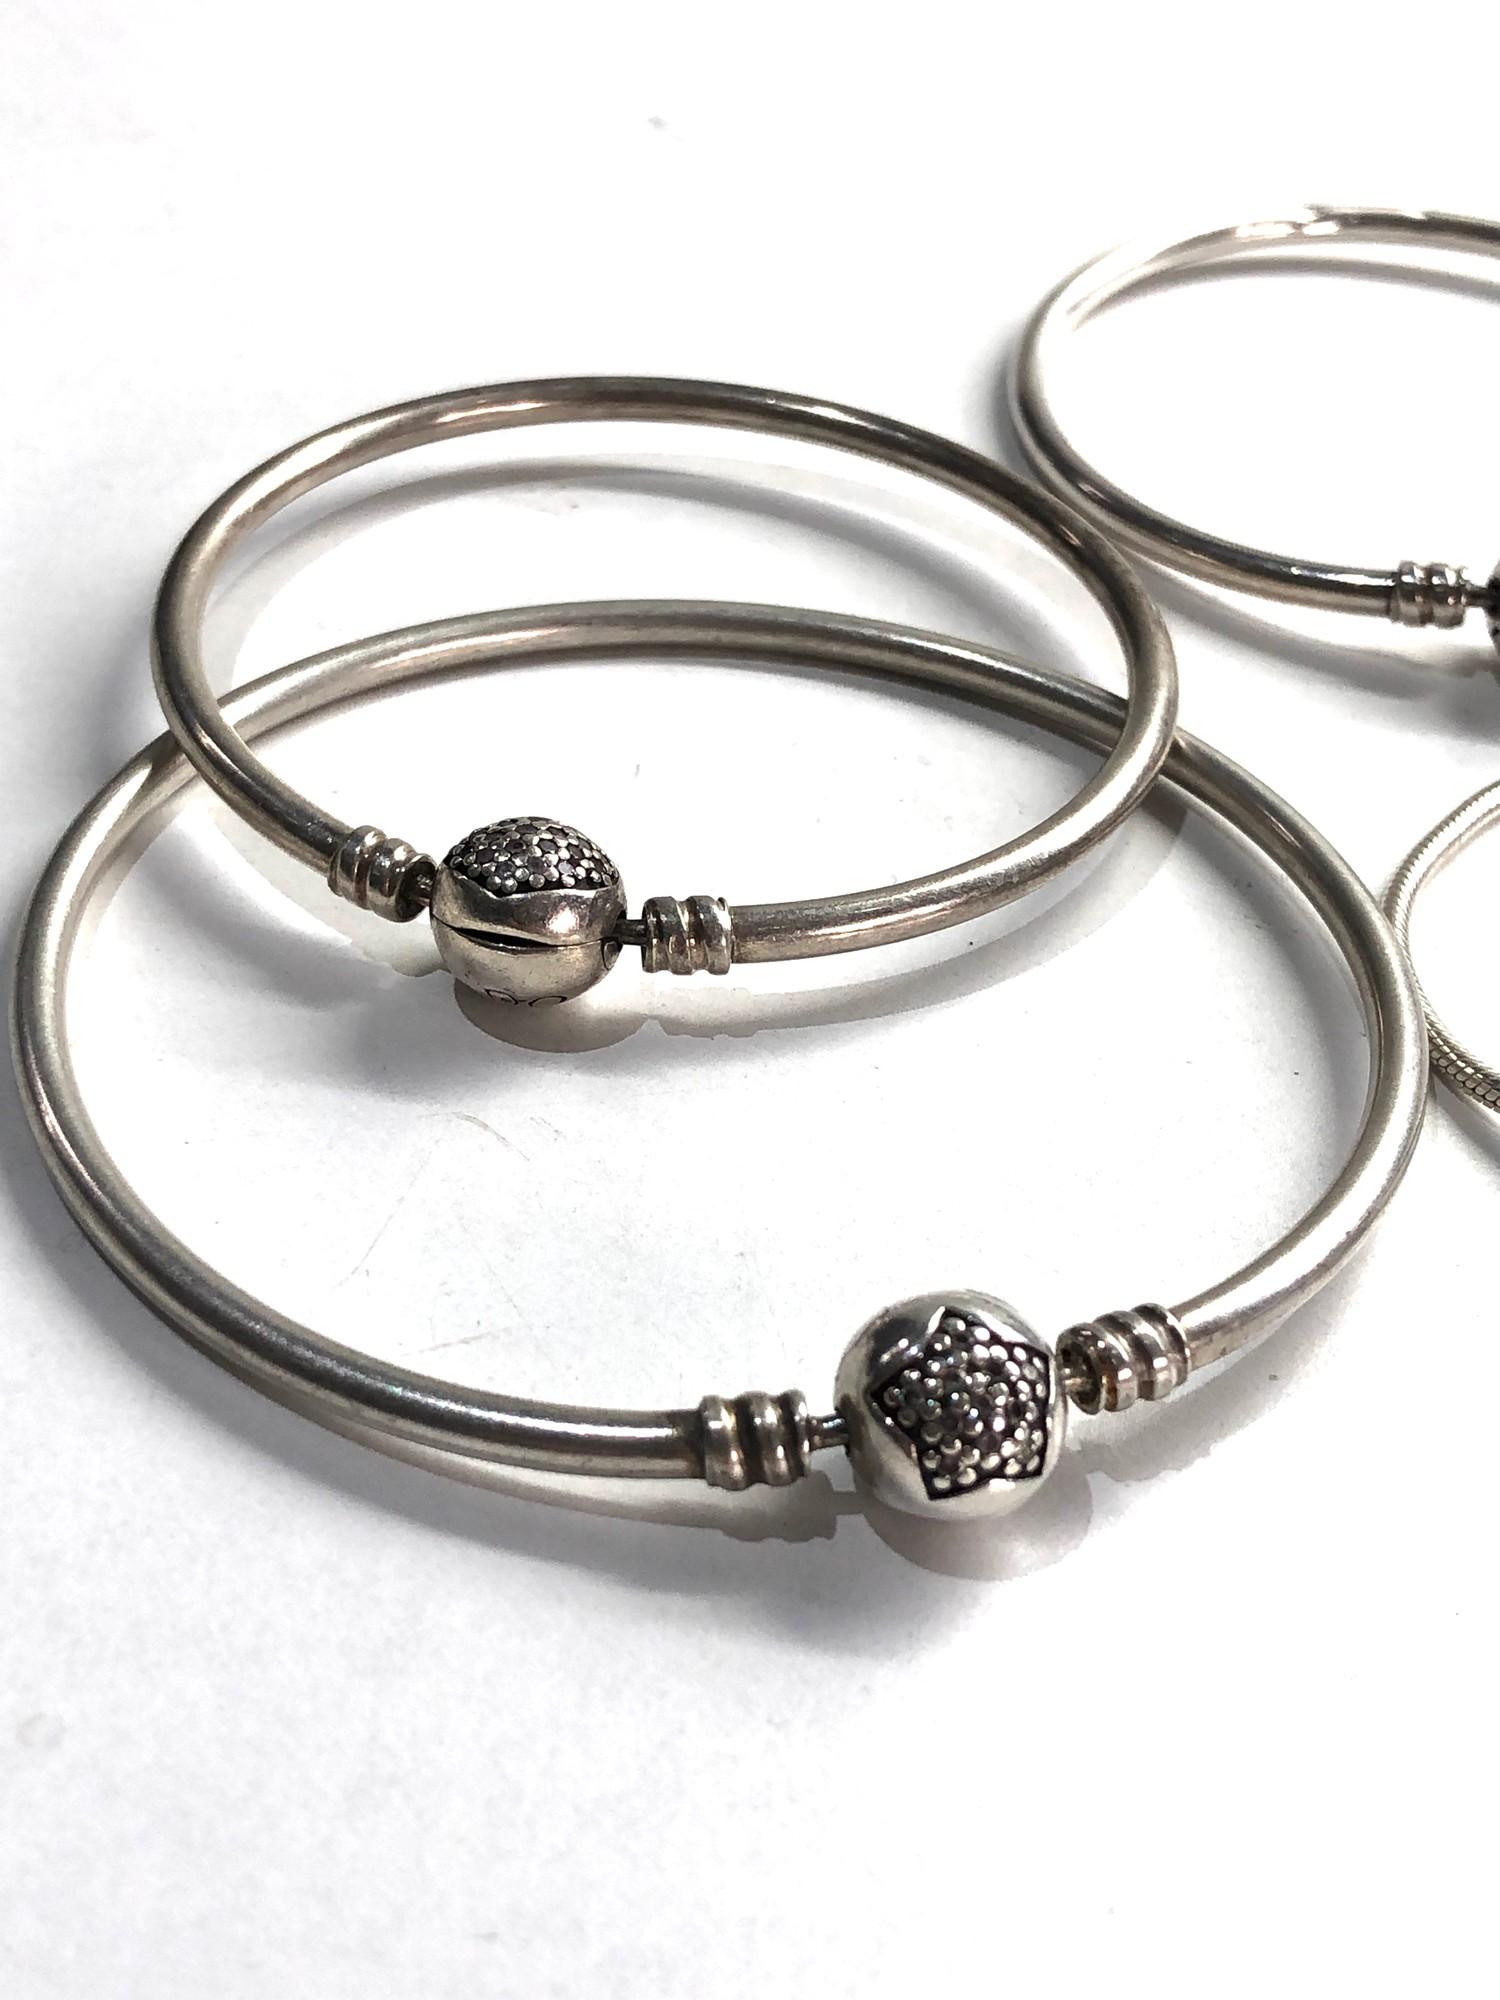 4 silver pandora bracelets - Image 2 of 3